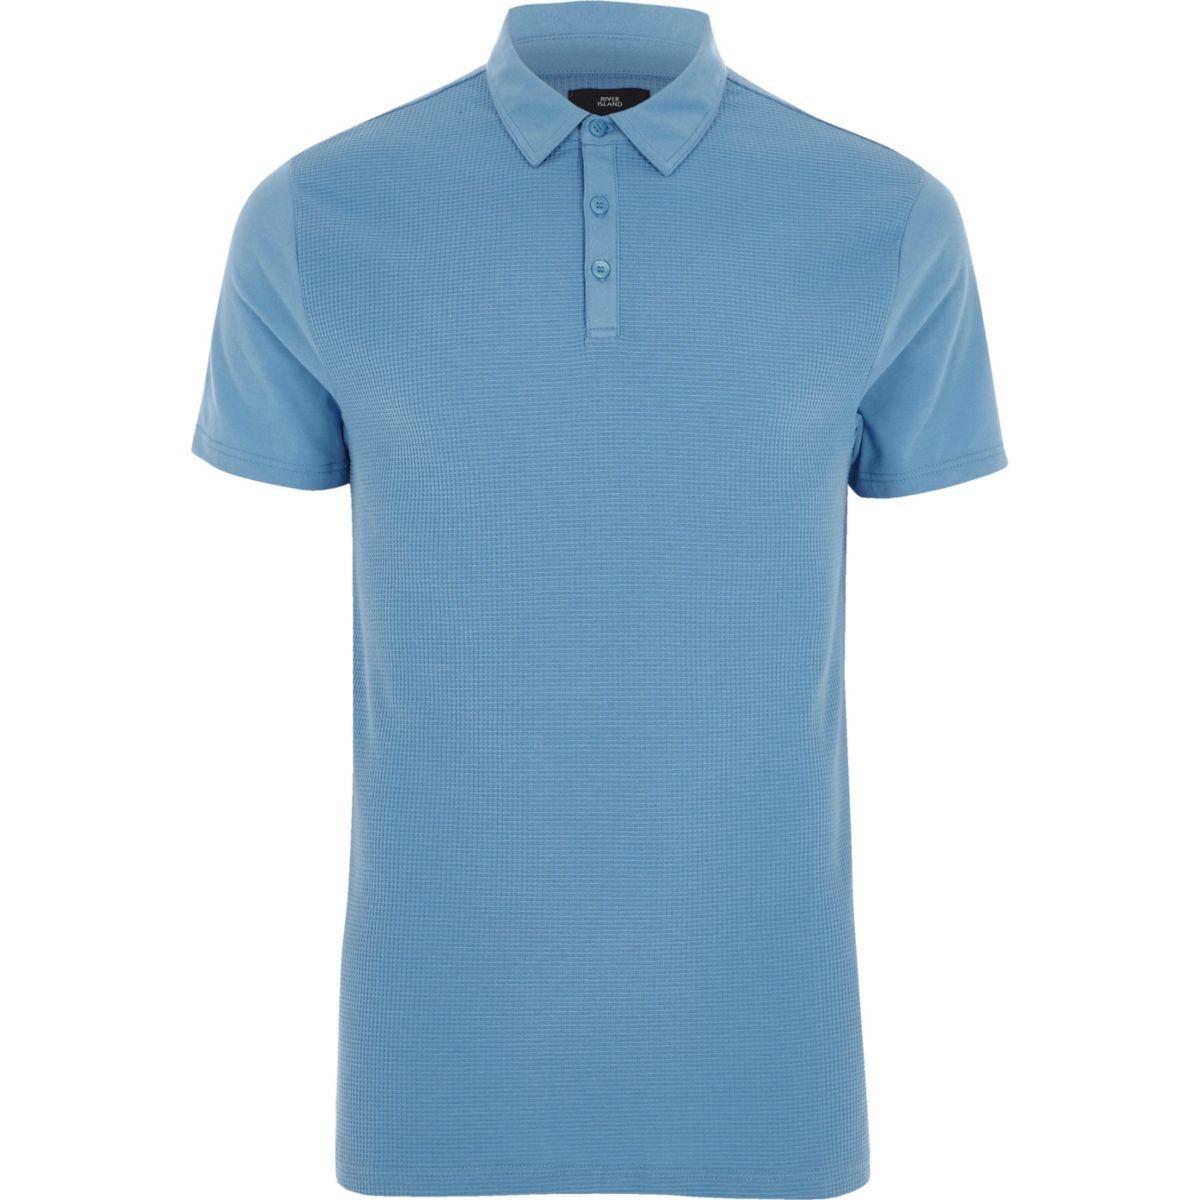 Blaues Slim Fit Poloshirt mit Waffelstruktur